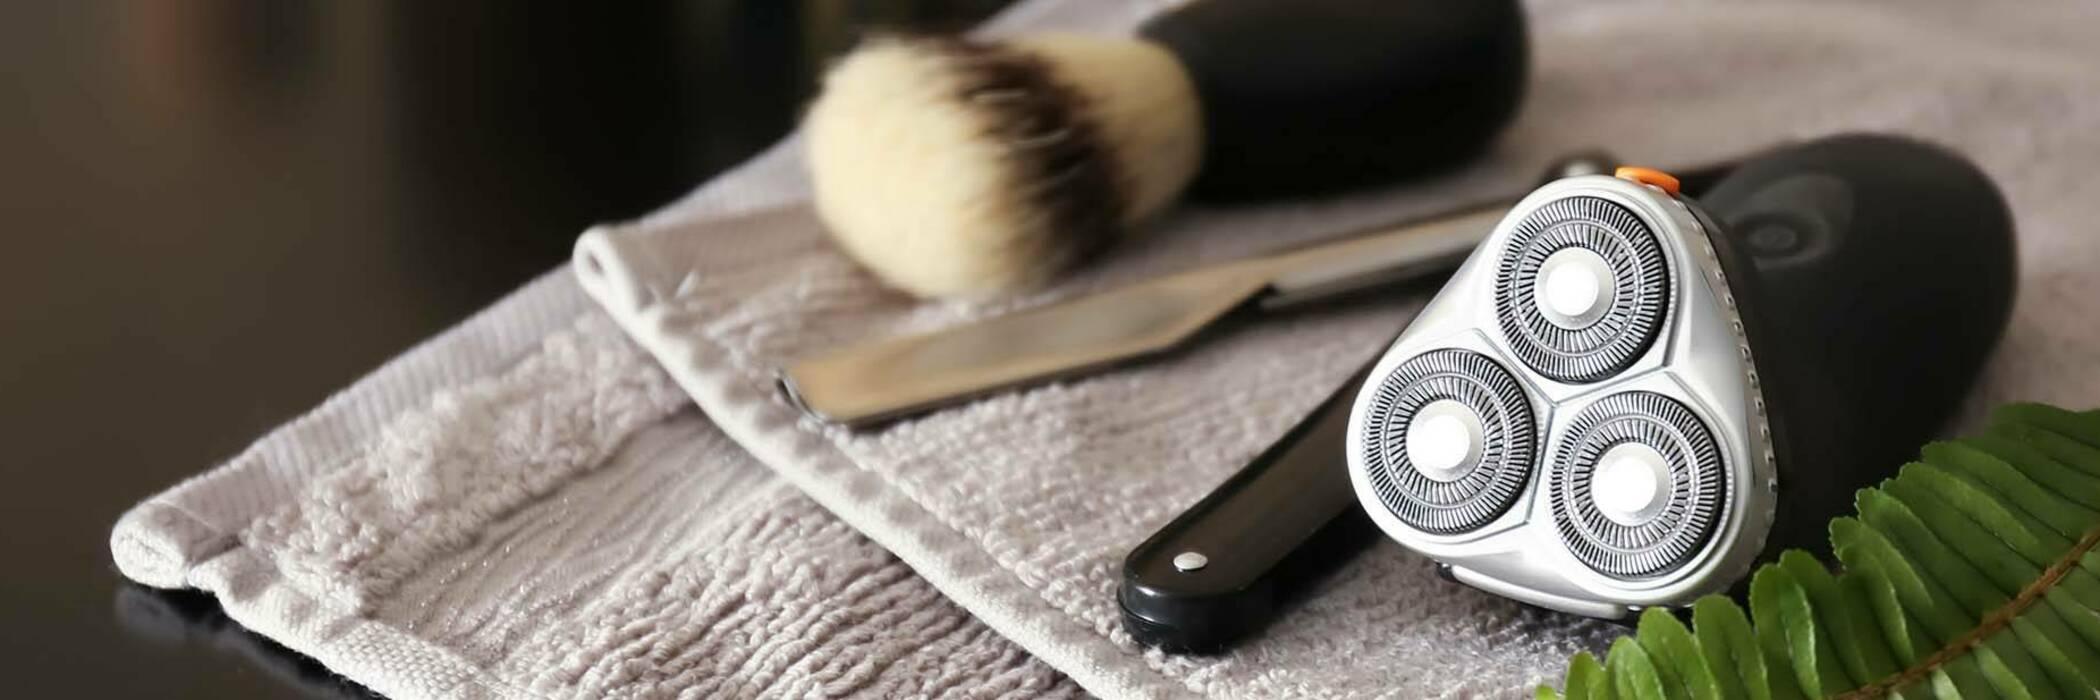 19jun electric shavers hero